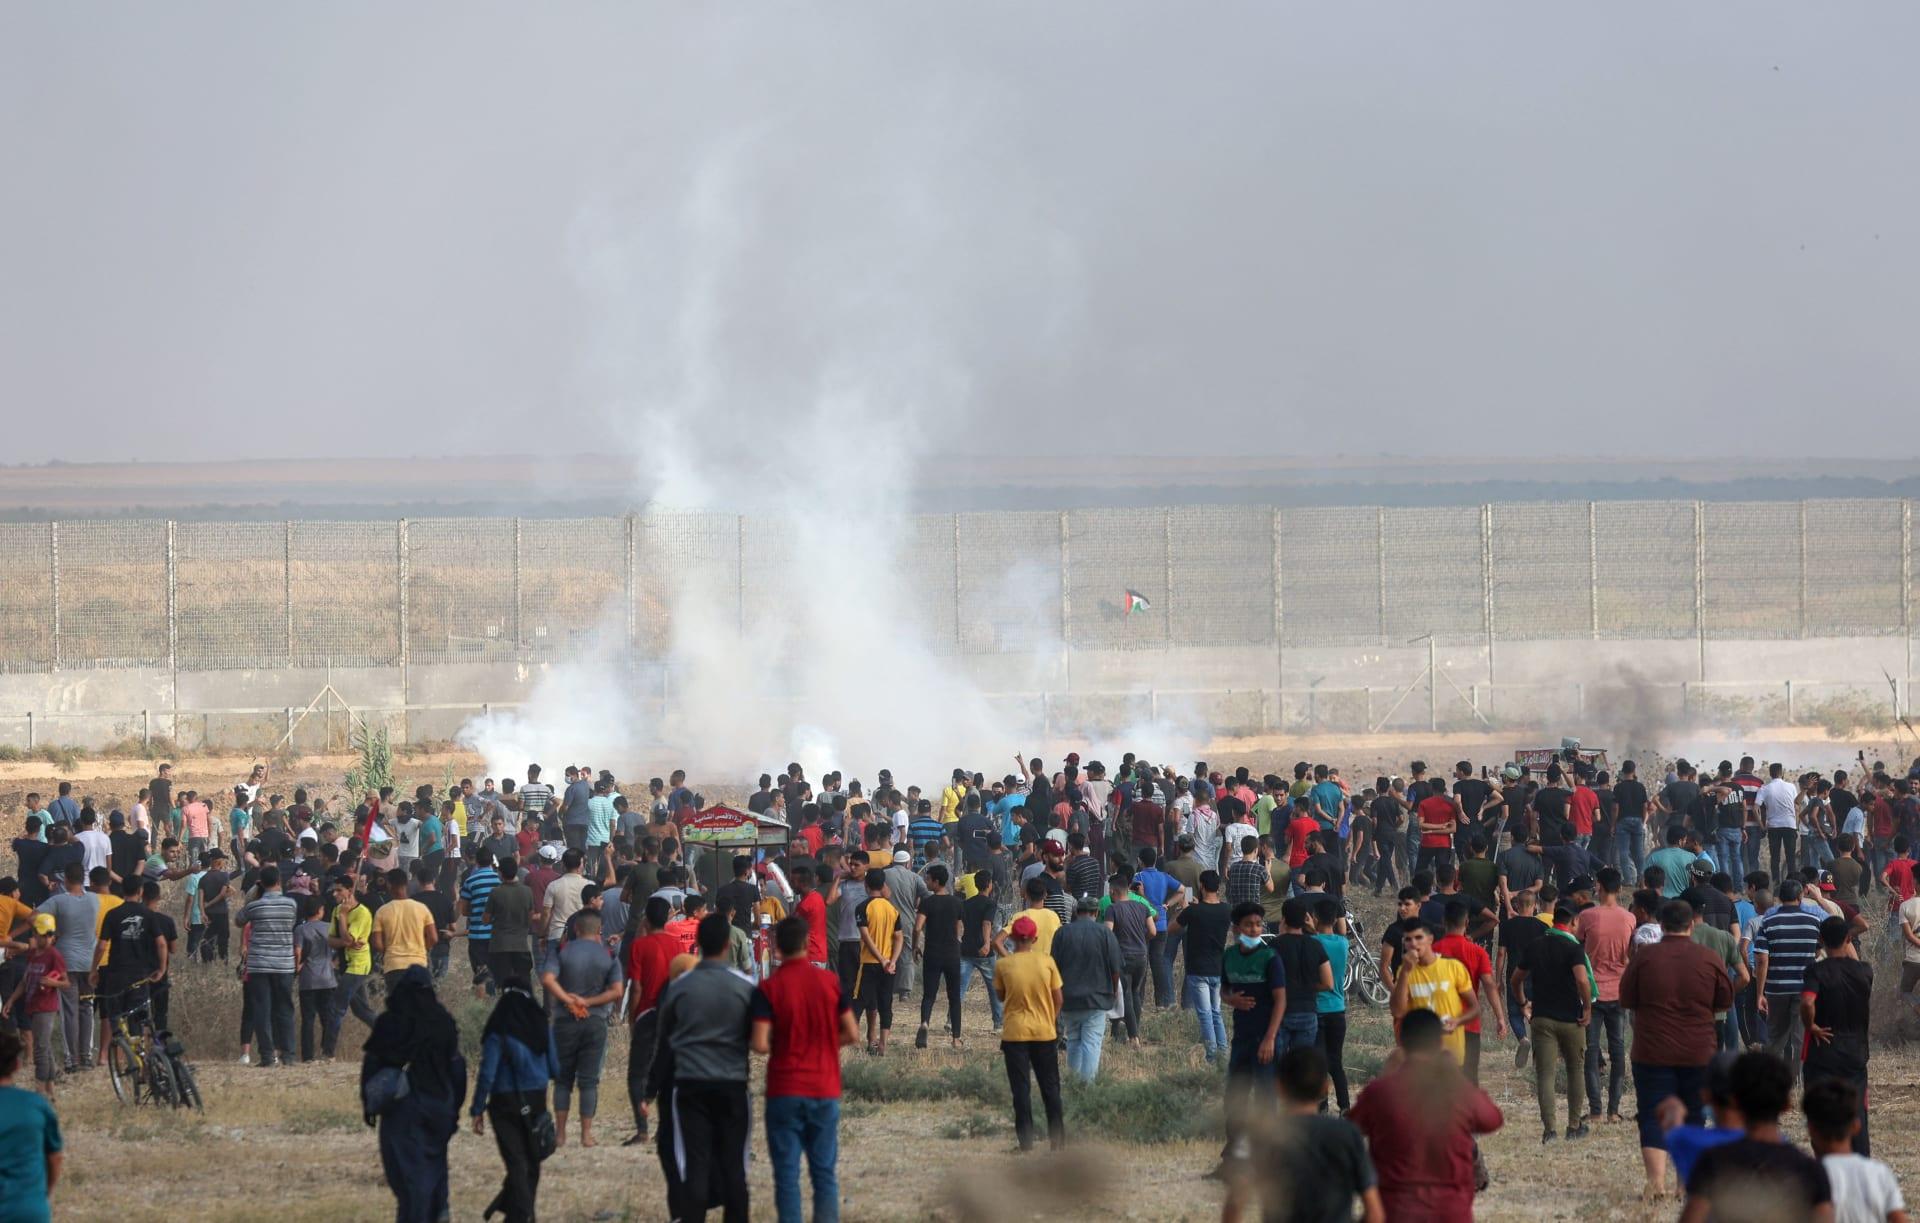 الغاز المسيل للدموع الذي أطلقته قوات الأمن الإسرائيلية عبر السياج الحدودي لقطاع غزة